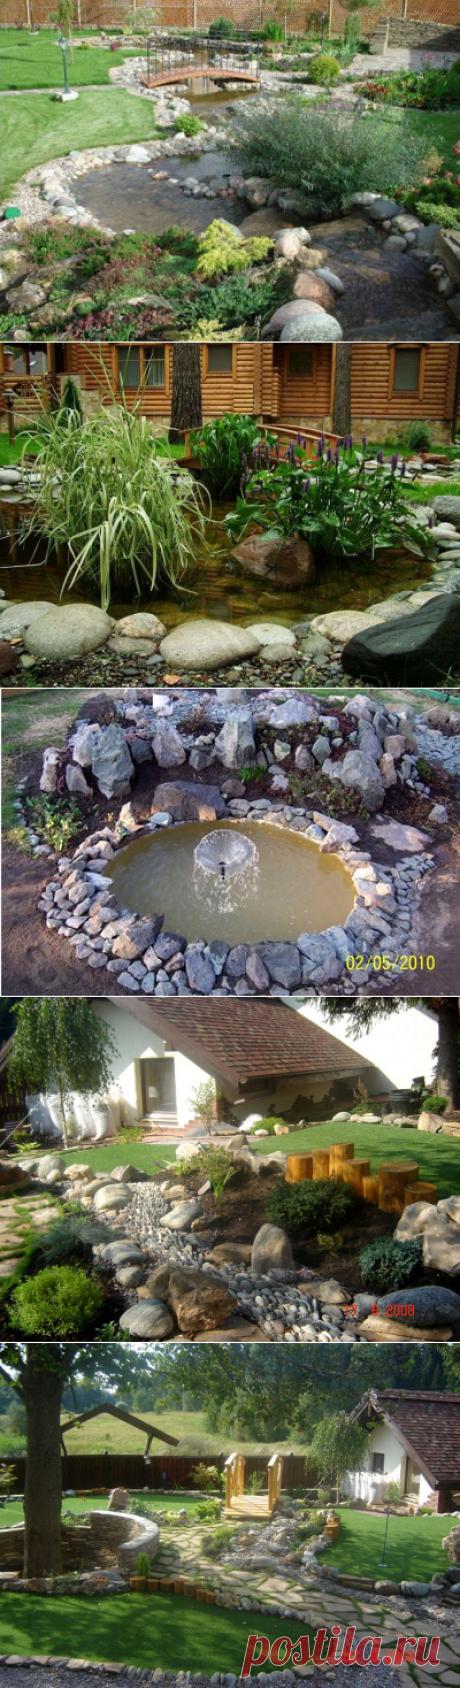 Водоемы и камни для украшения участка — 6 соток